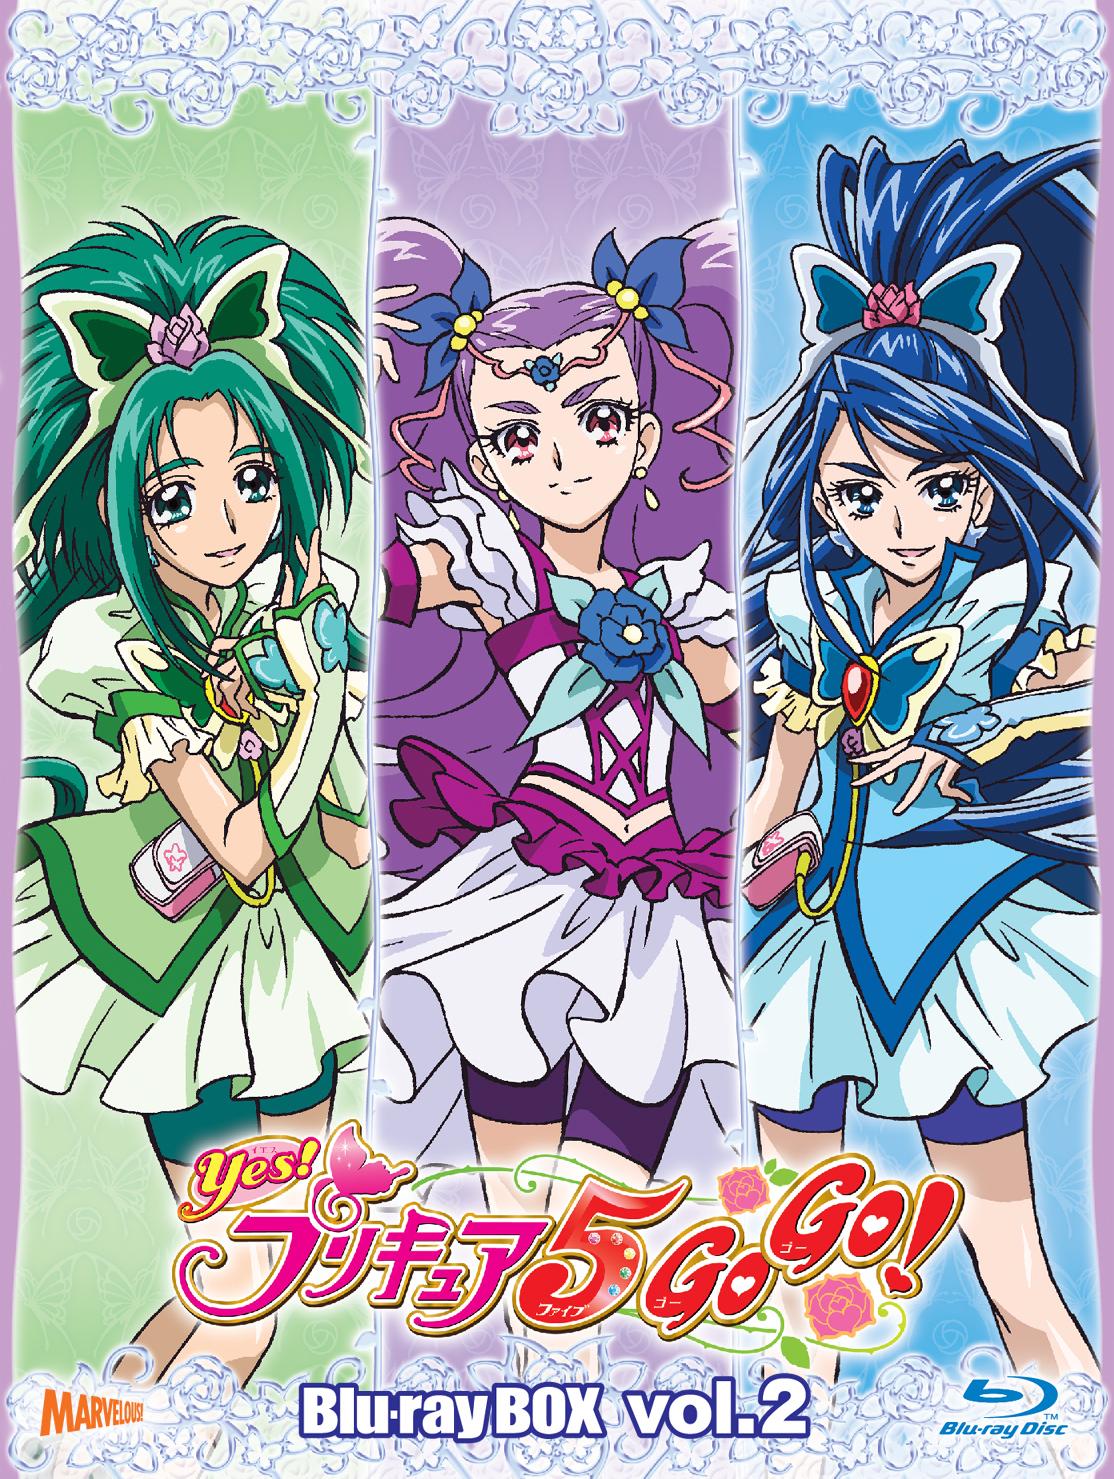 Yesプリキュア5gogo Blu Ray Box Vol2 Marvelous